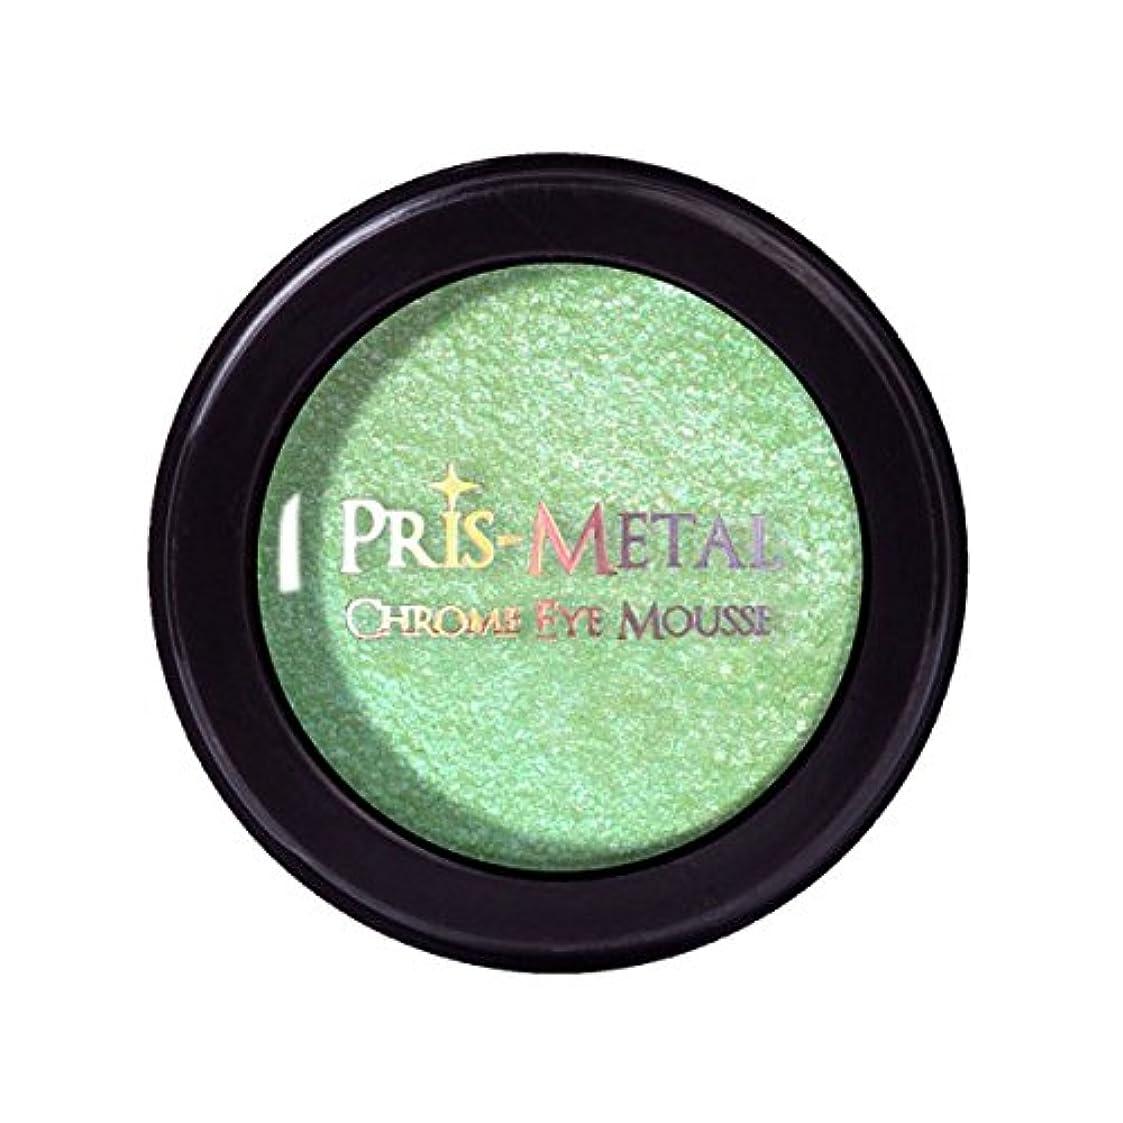 サンプルうめき突き出すJ. CAT BEAUTY Pris-Metal Chrome Eye Mousse - Pixie Dust (並行輸入品)